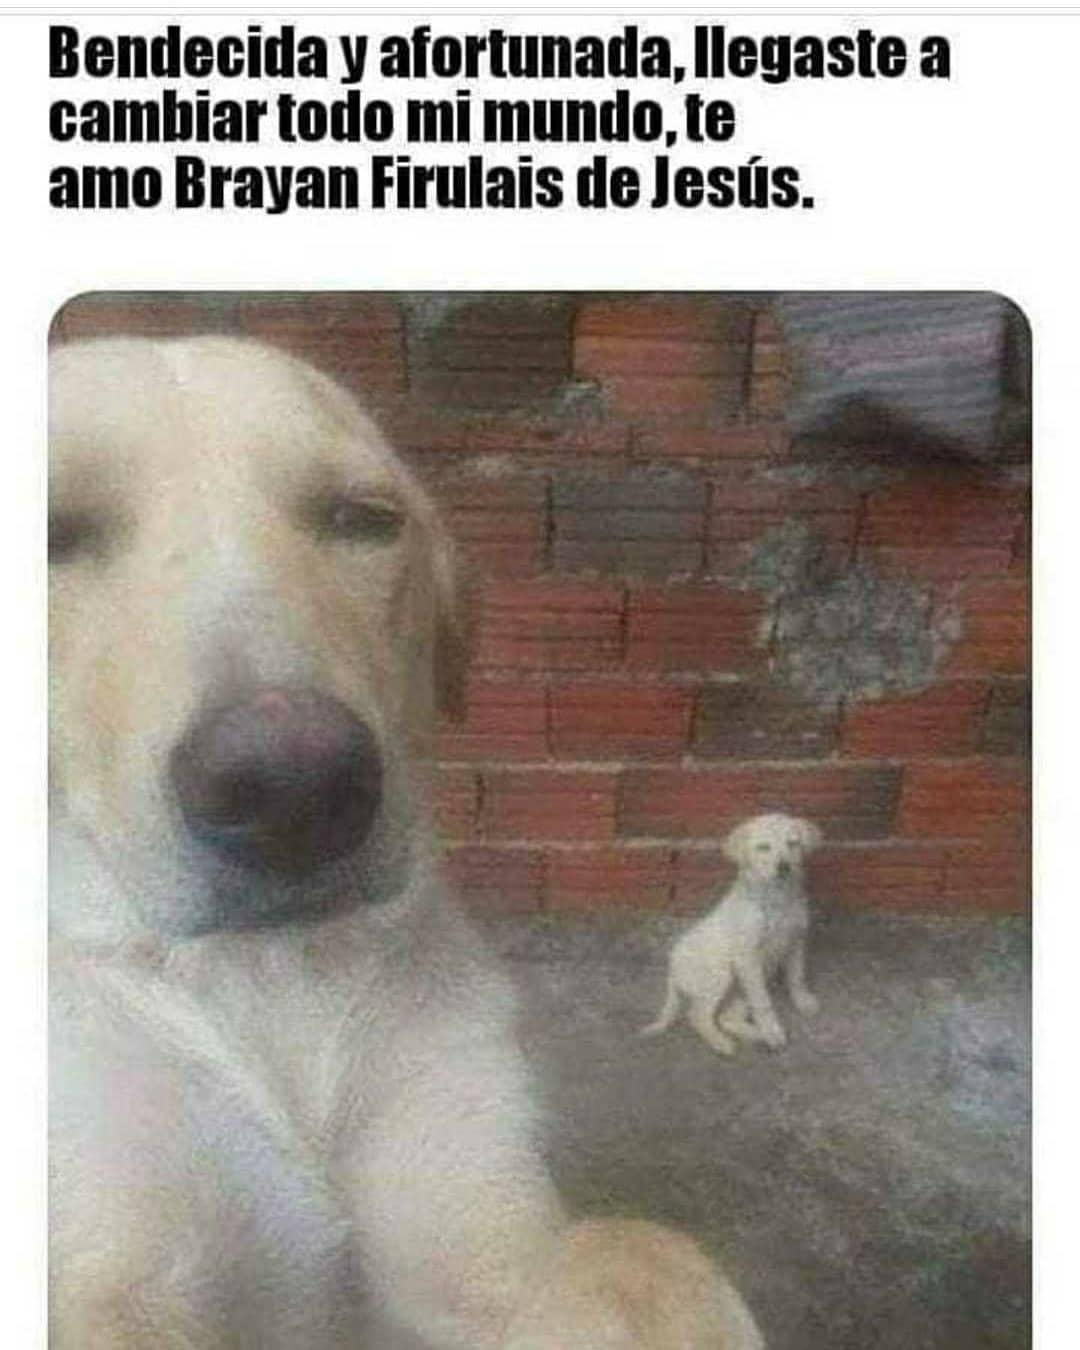 Bendecida y afortunada, llegaste a cambiar todo mi mundo, te amo Brayan Firulais de Jesús.